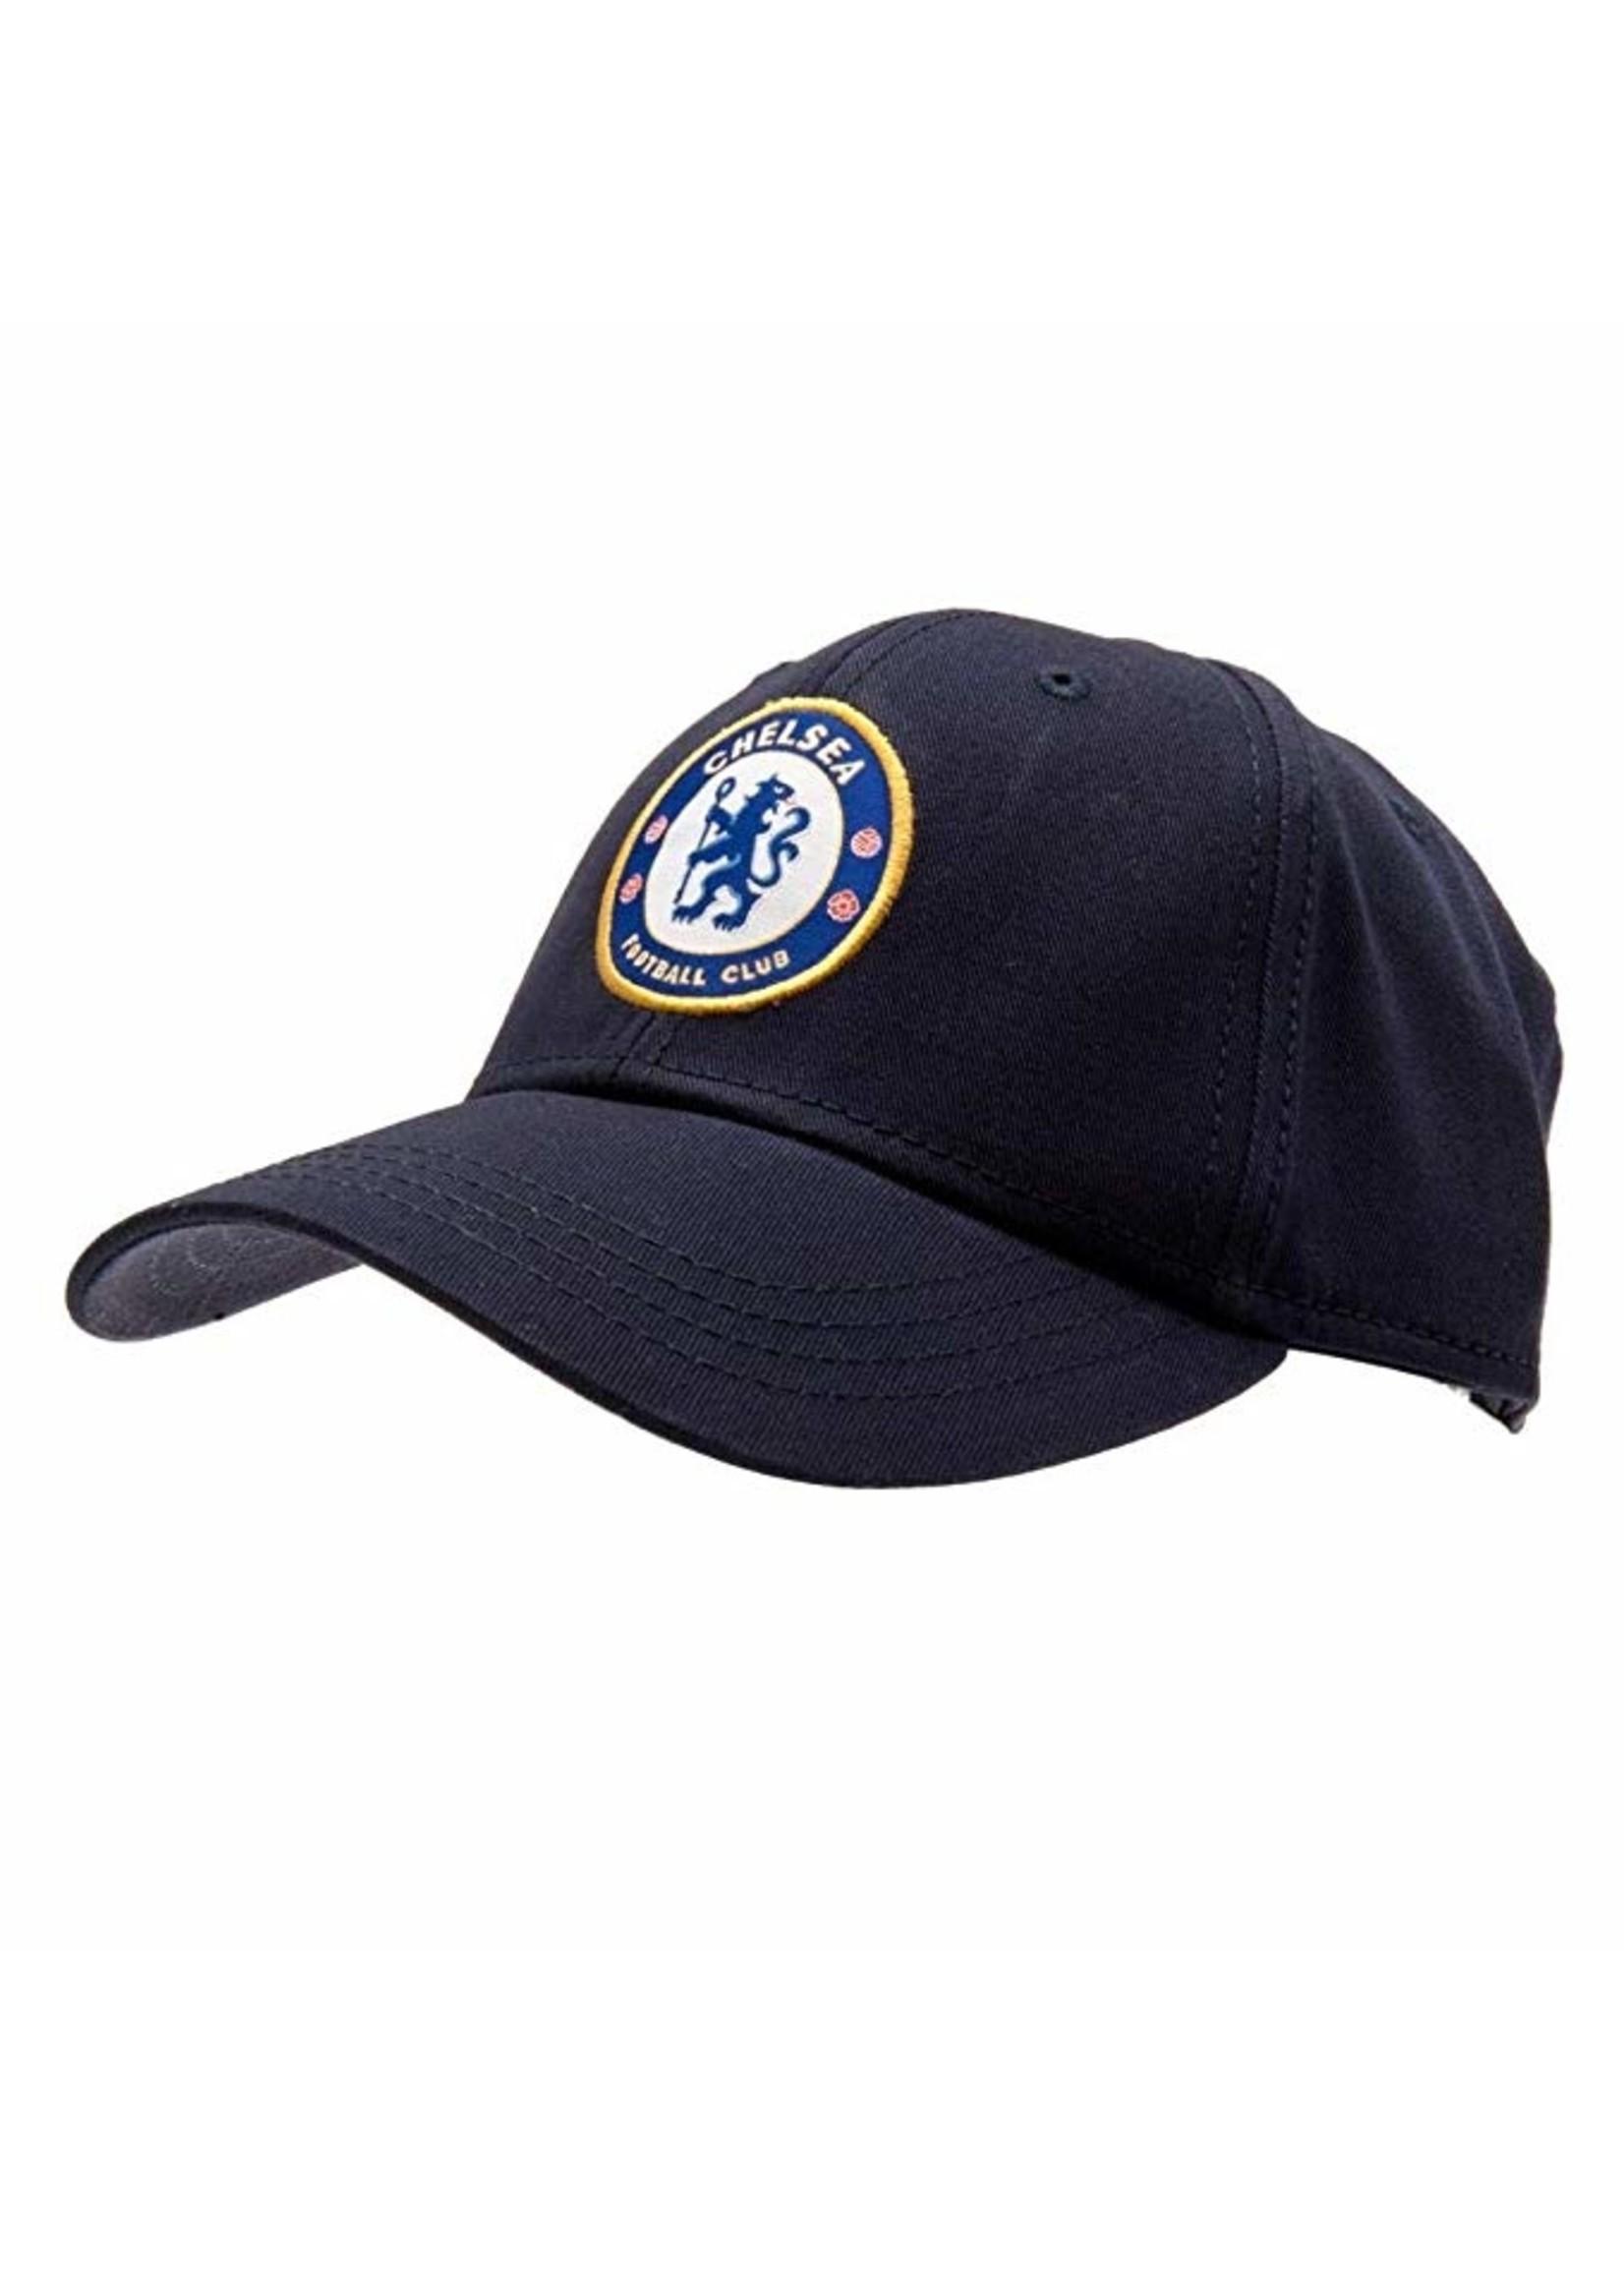 Chelsea Cap - Navy